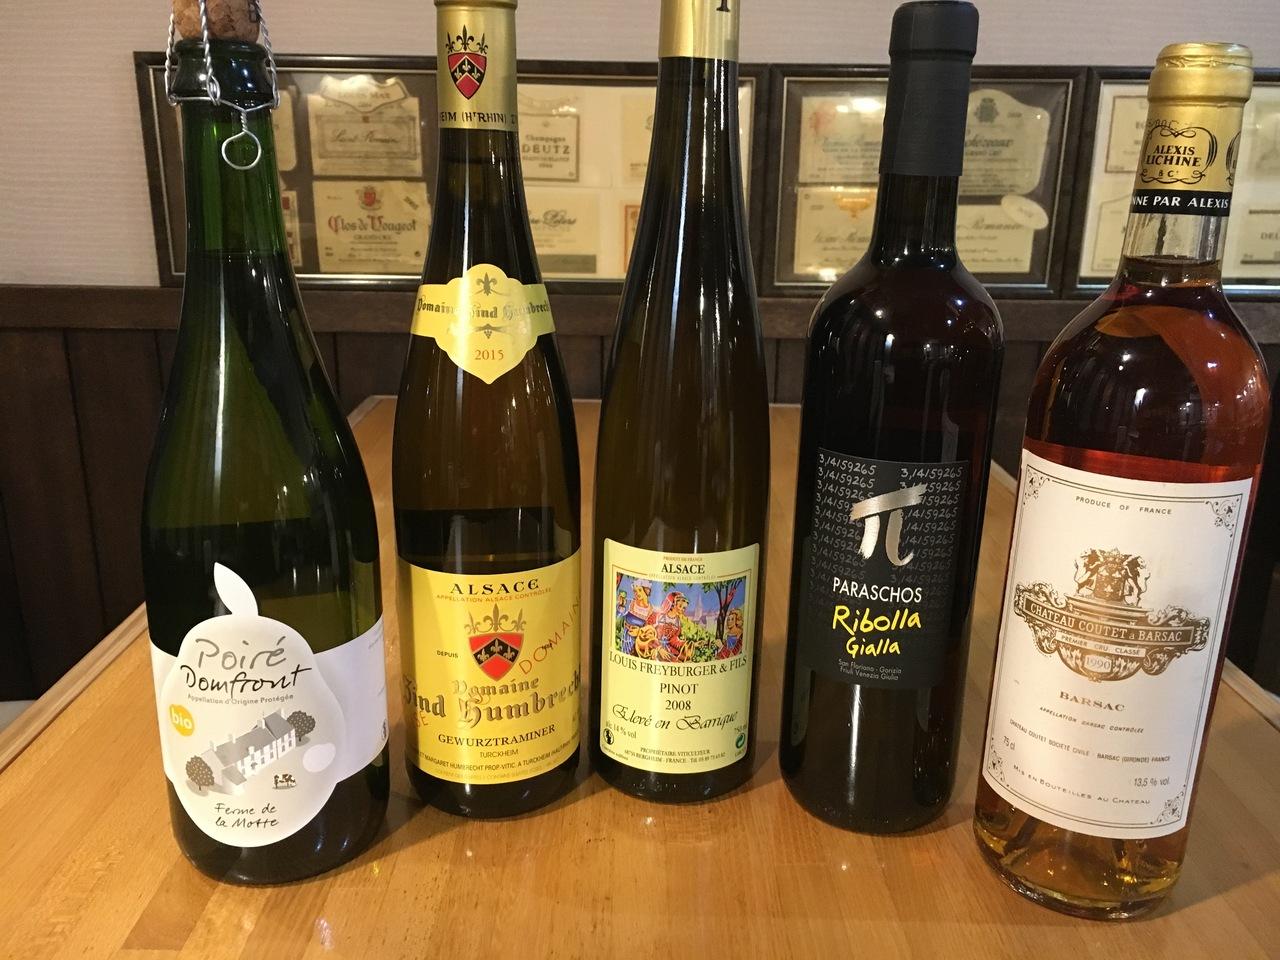 ゆるっと美味しいワインを飲んで楽しくお話しましょうね。 (12/9) 札幌